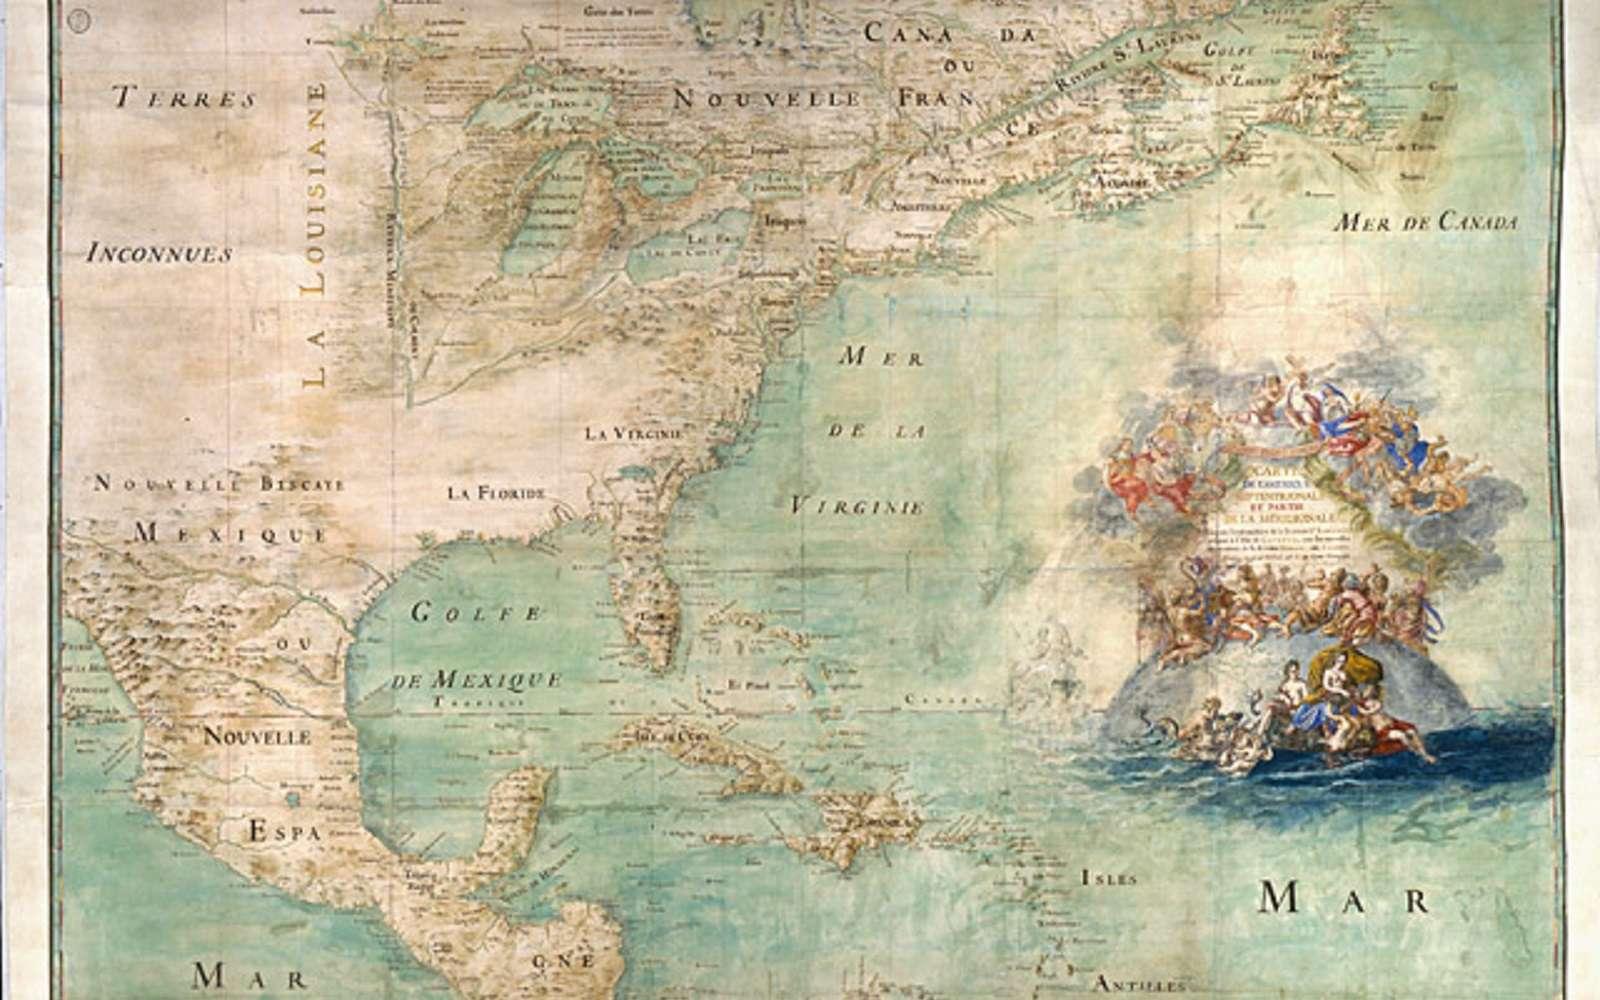 Carte de l'Amérique septentrionale avec la représentation du Canada ou Nouvelle-France, datée de 1681, dessinée par l'abbé Claude Bernou. © Bibliothèque nationale de France, domaine public.